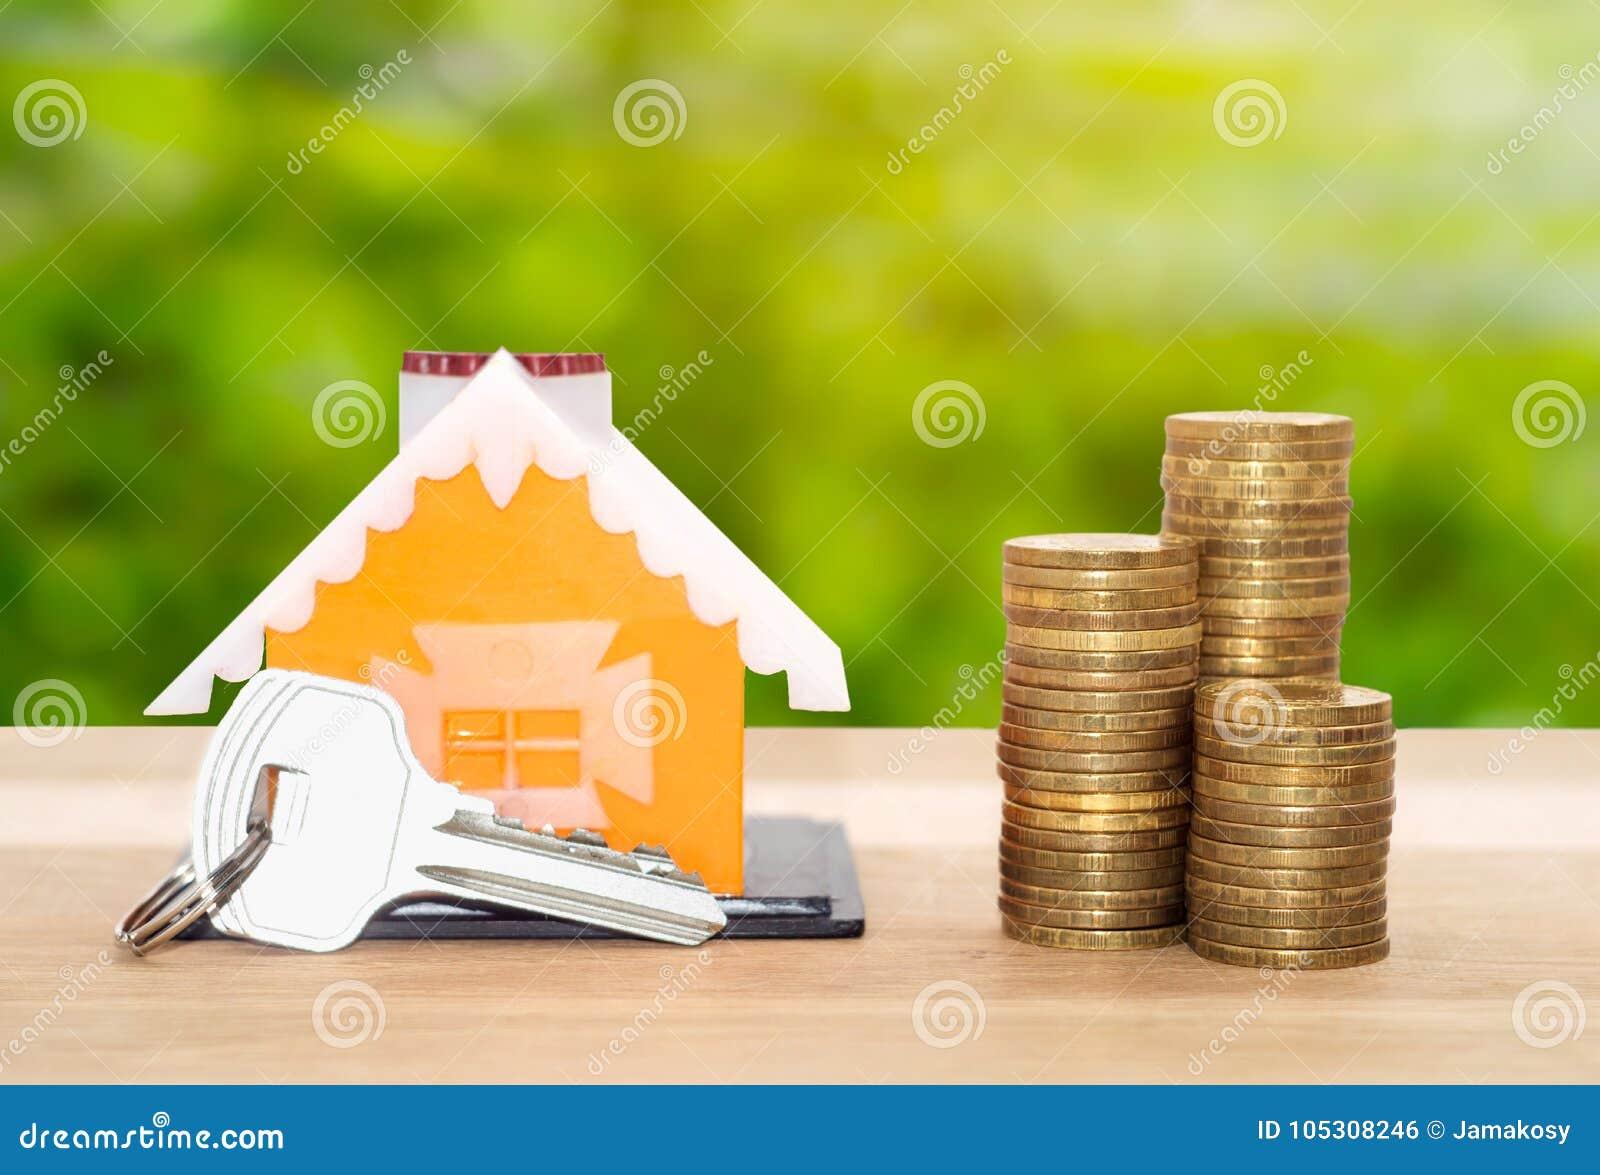 займу деньги под залог недвижимости